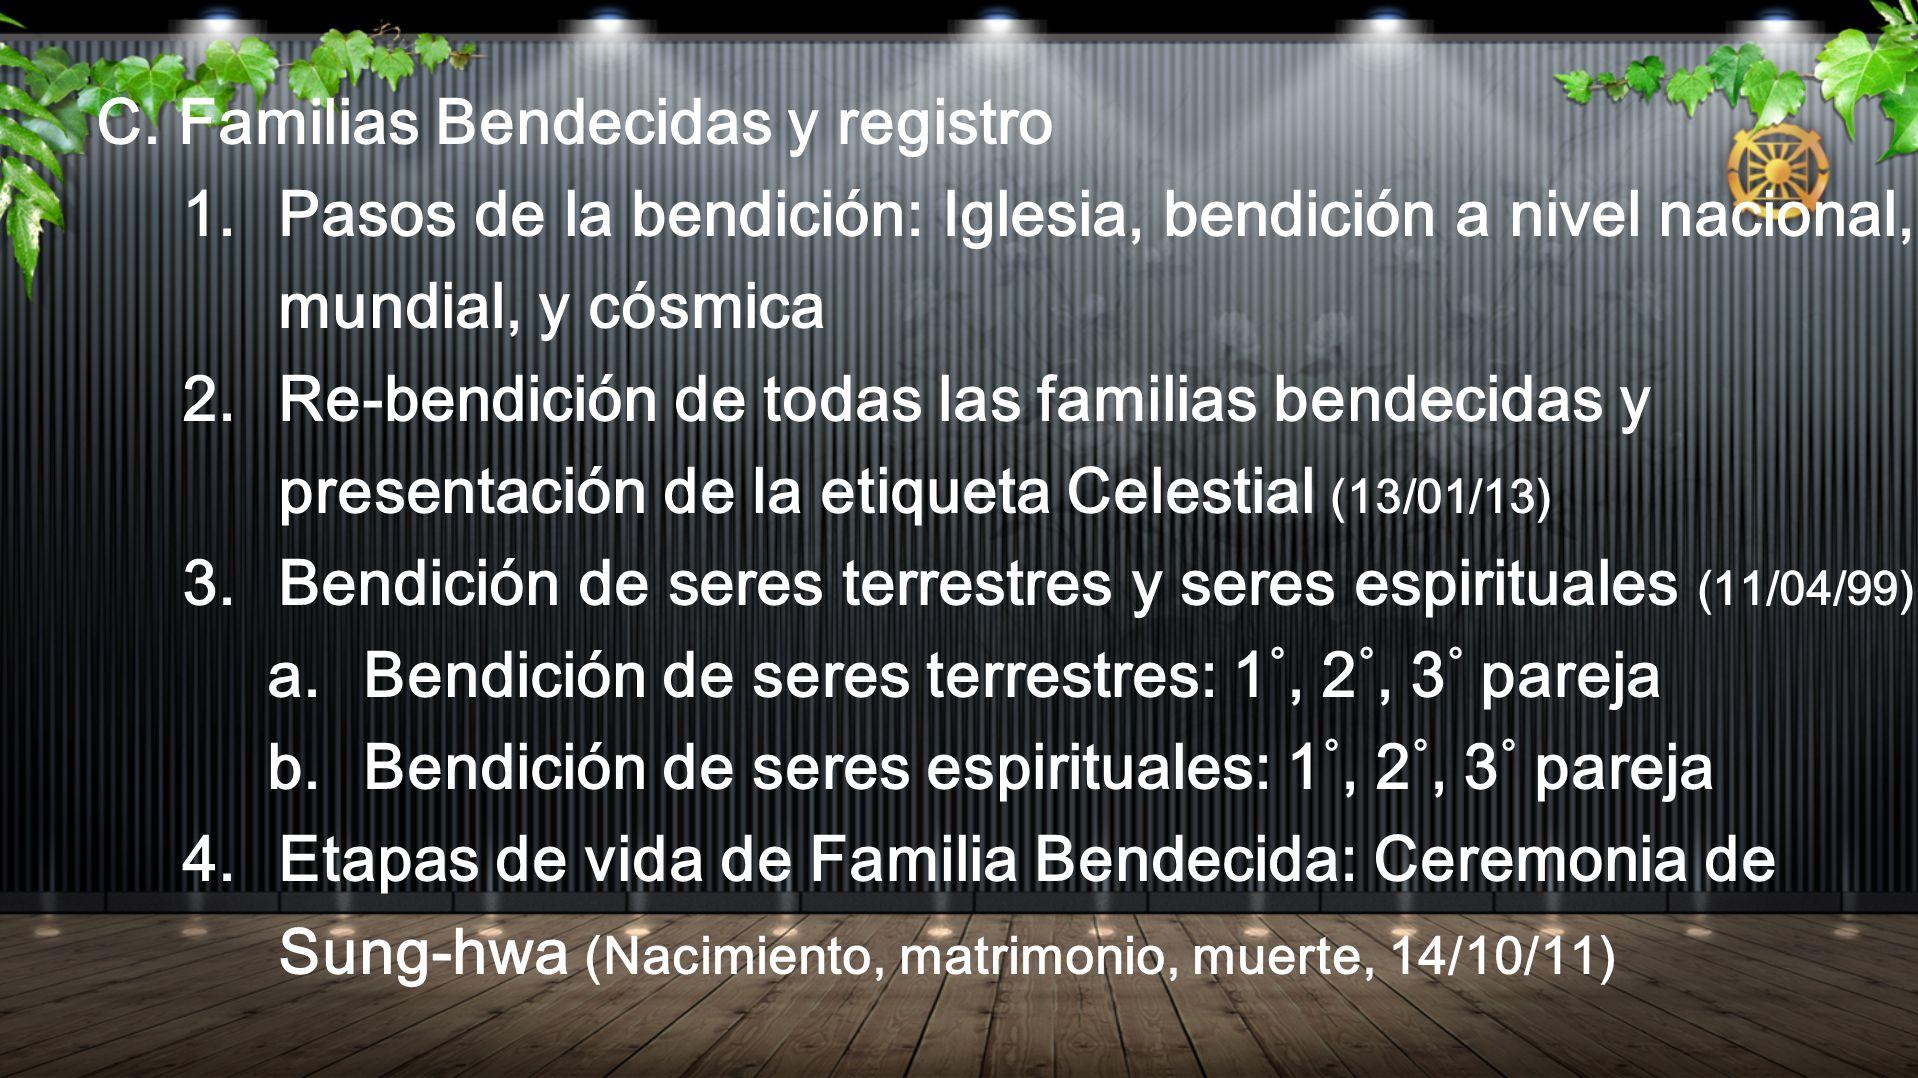 C. Familias Bendecidas y registro